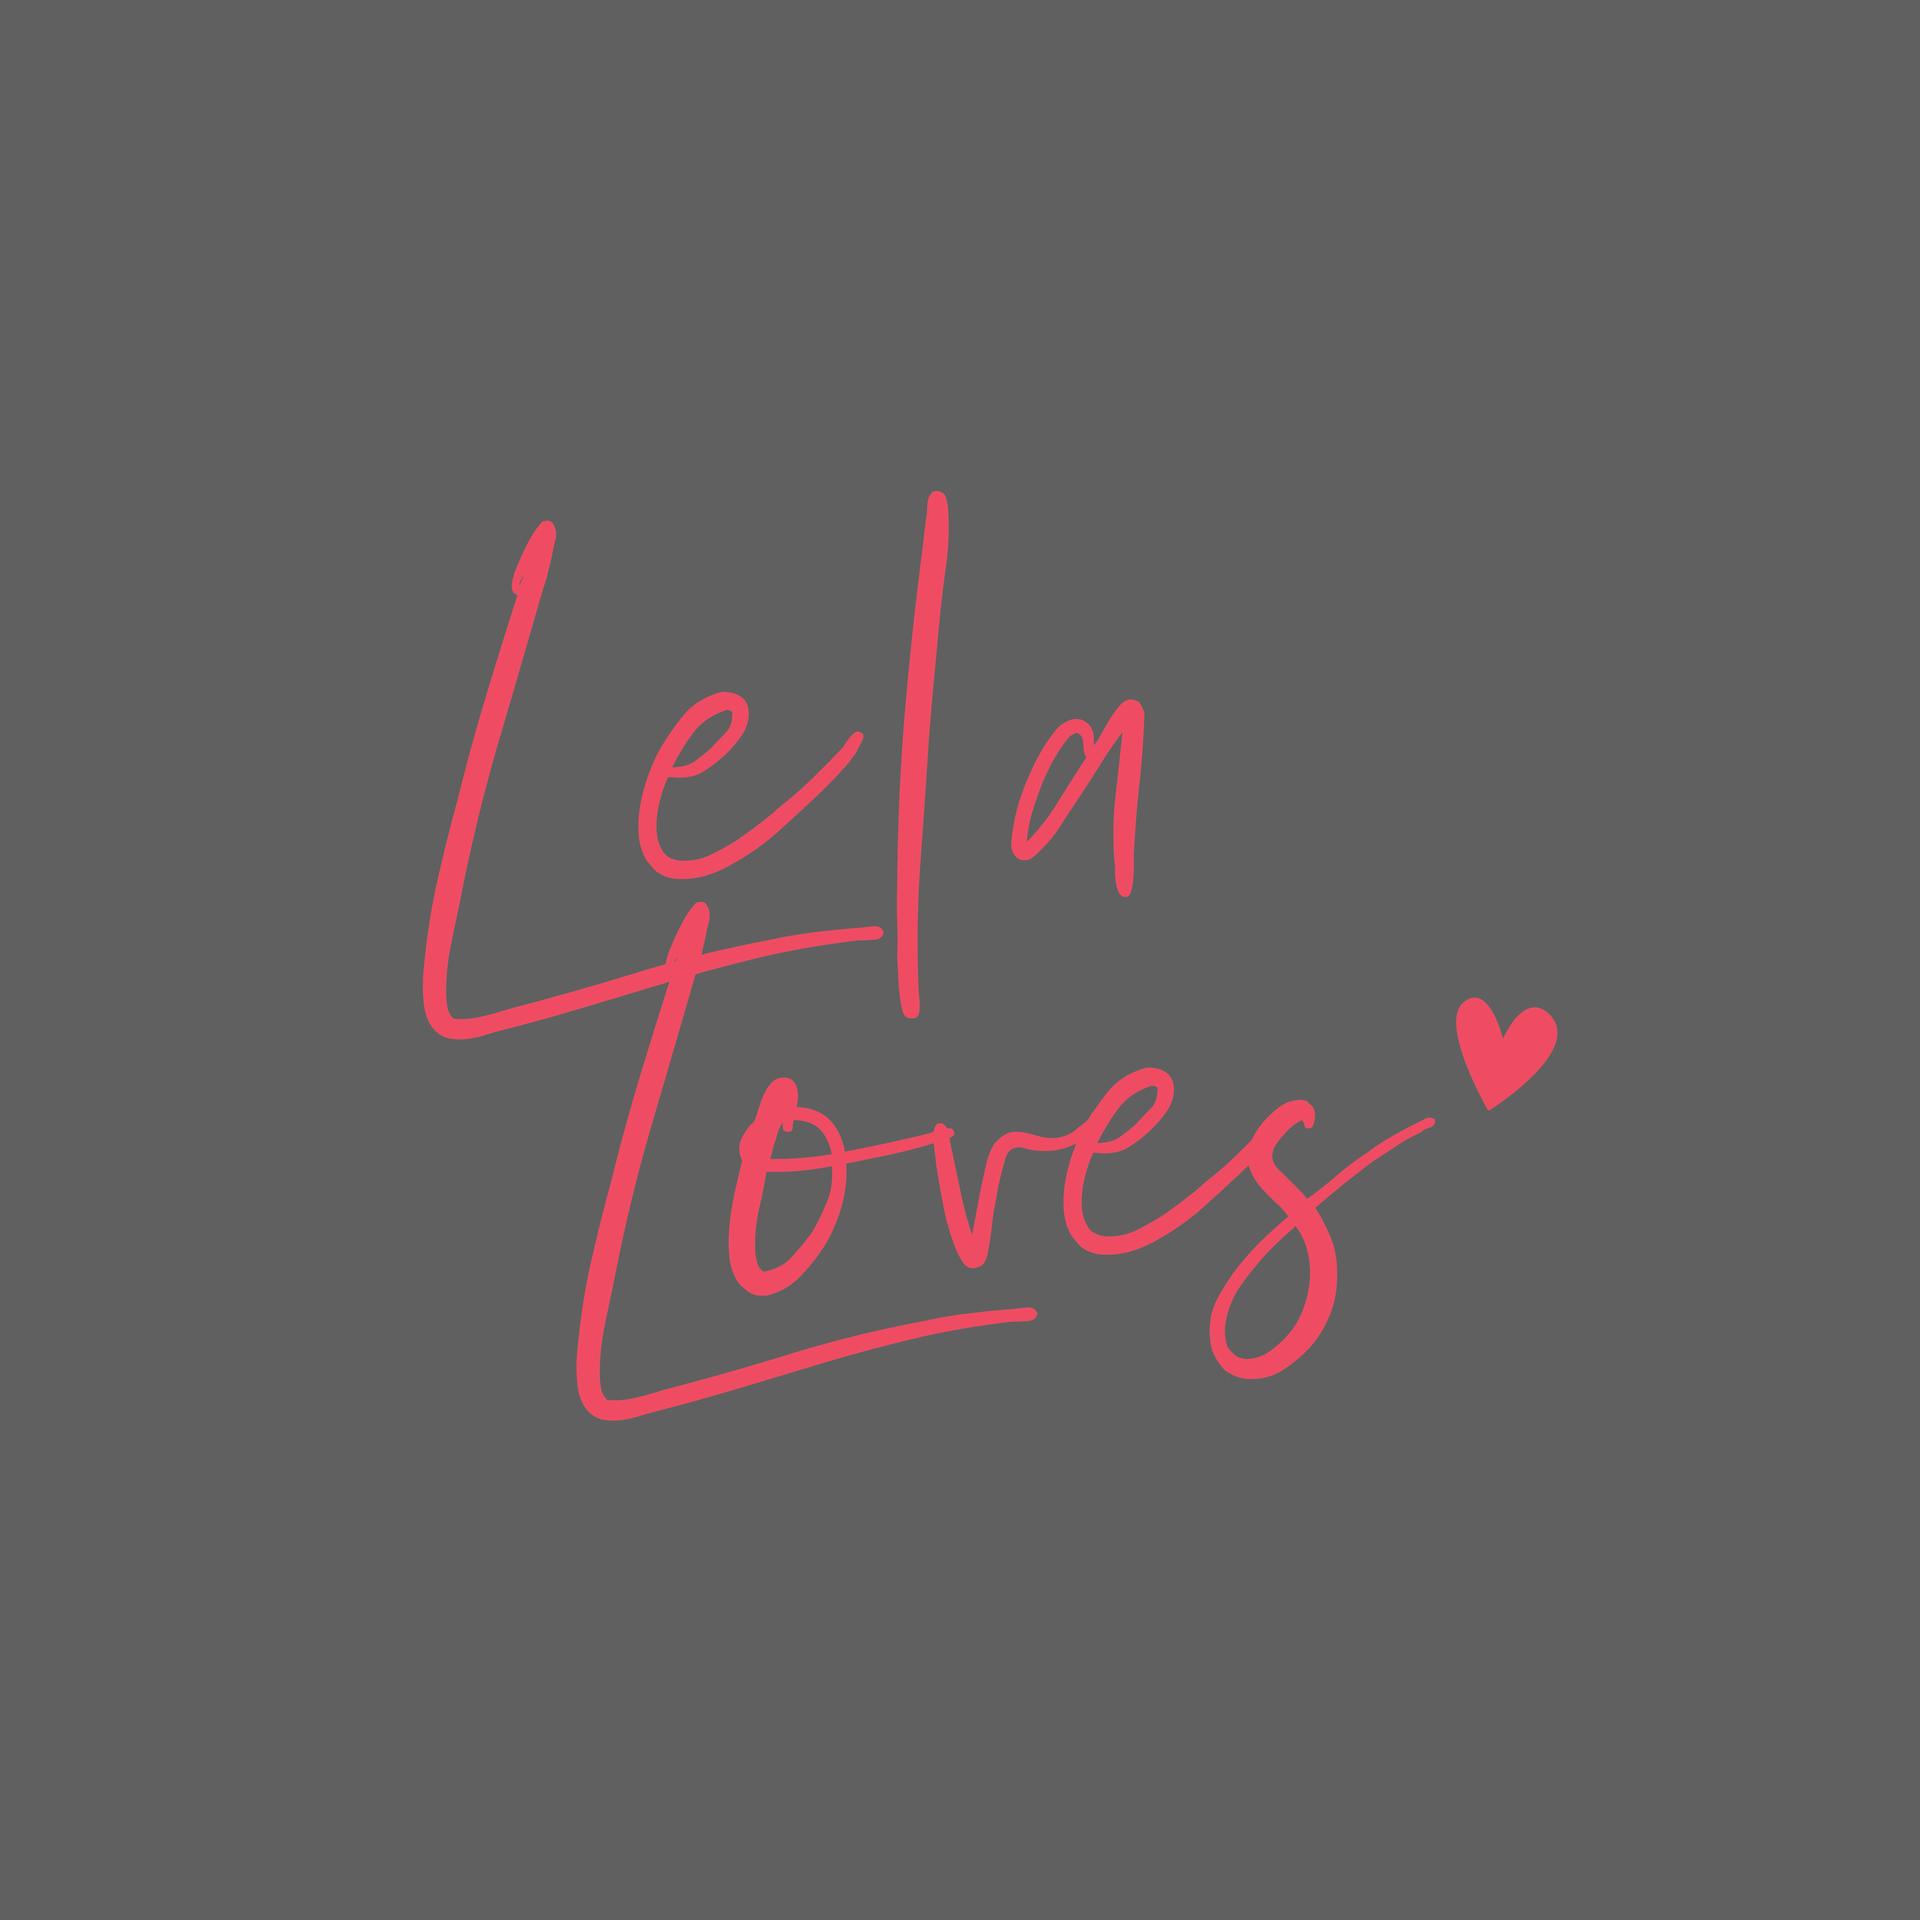 Lela Loves Branding | Brand Identity Design by Fresh Leaf Creative |  | Dorset Brand Designer & Photographer